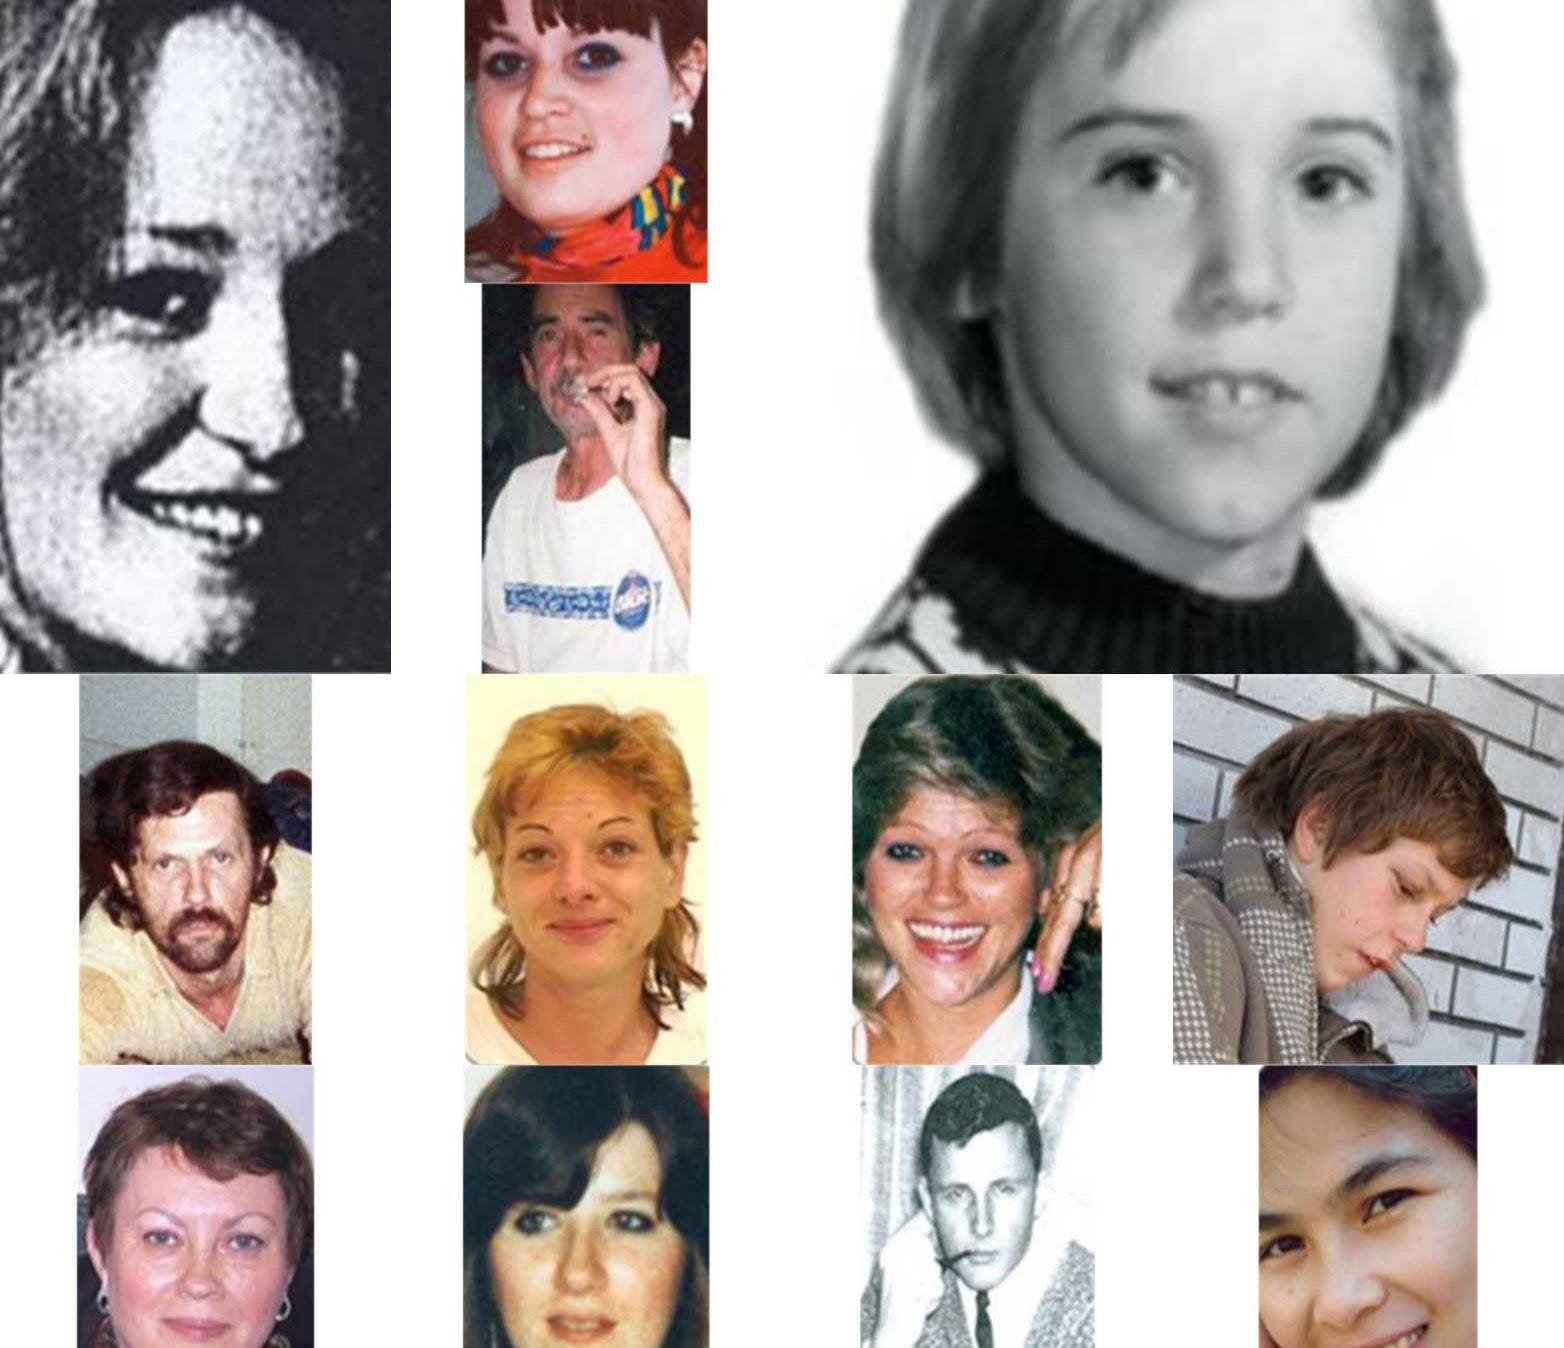 Les affaires historiques de personnes portées disparues comptent toujours et peuvent être élucidées